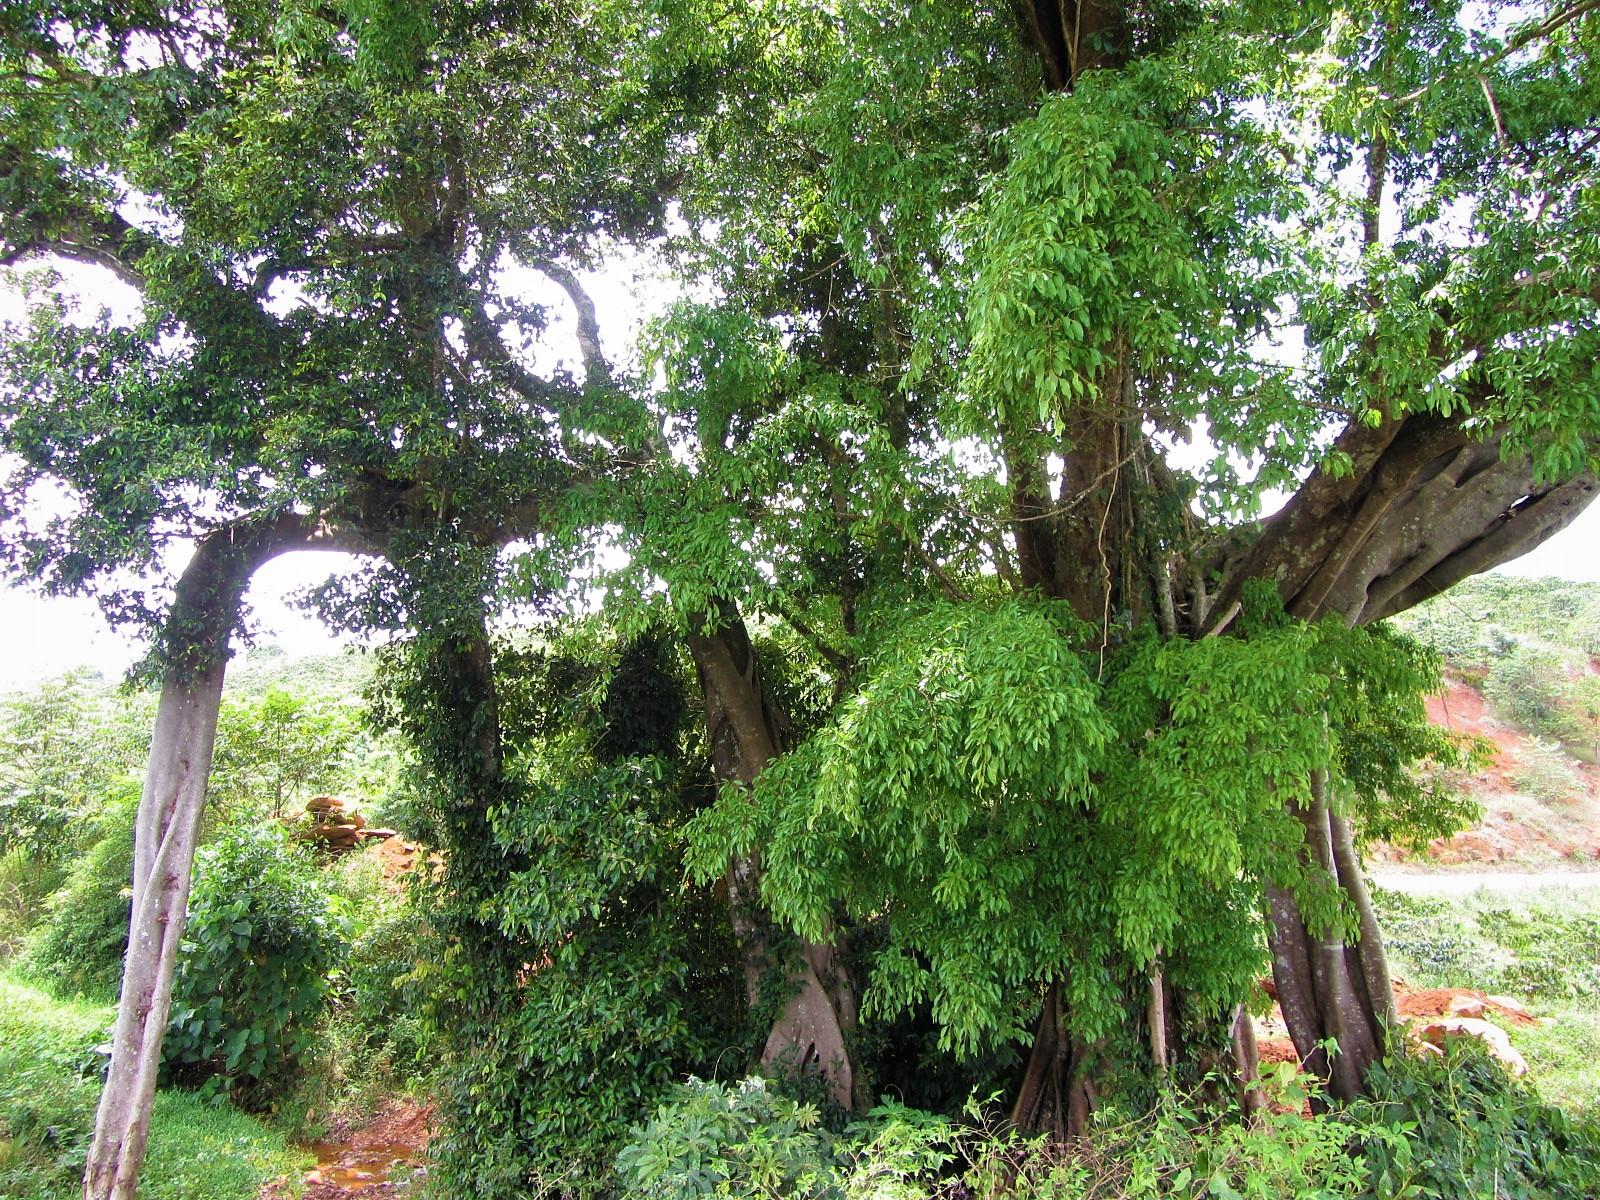 Large old banyan tree, Central Highlands, Vietnam